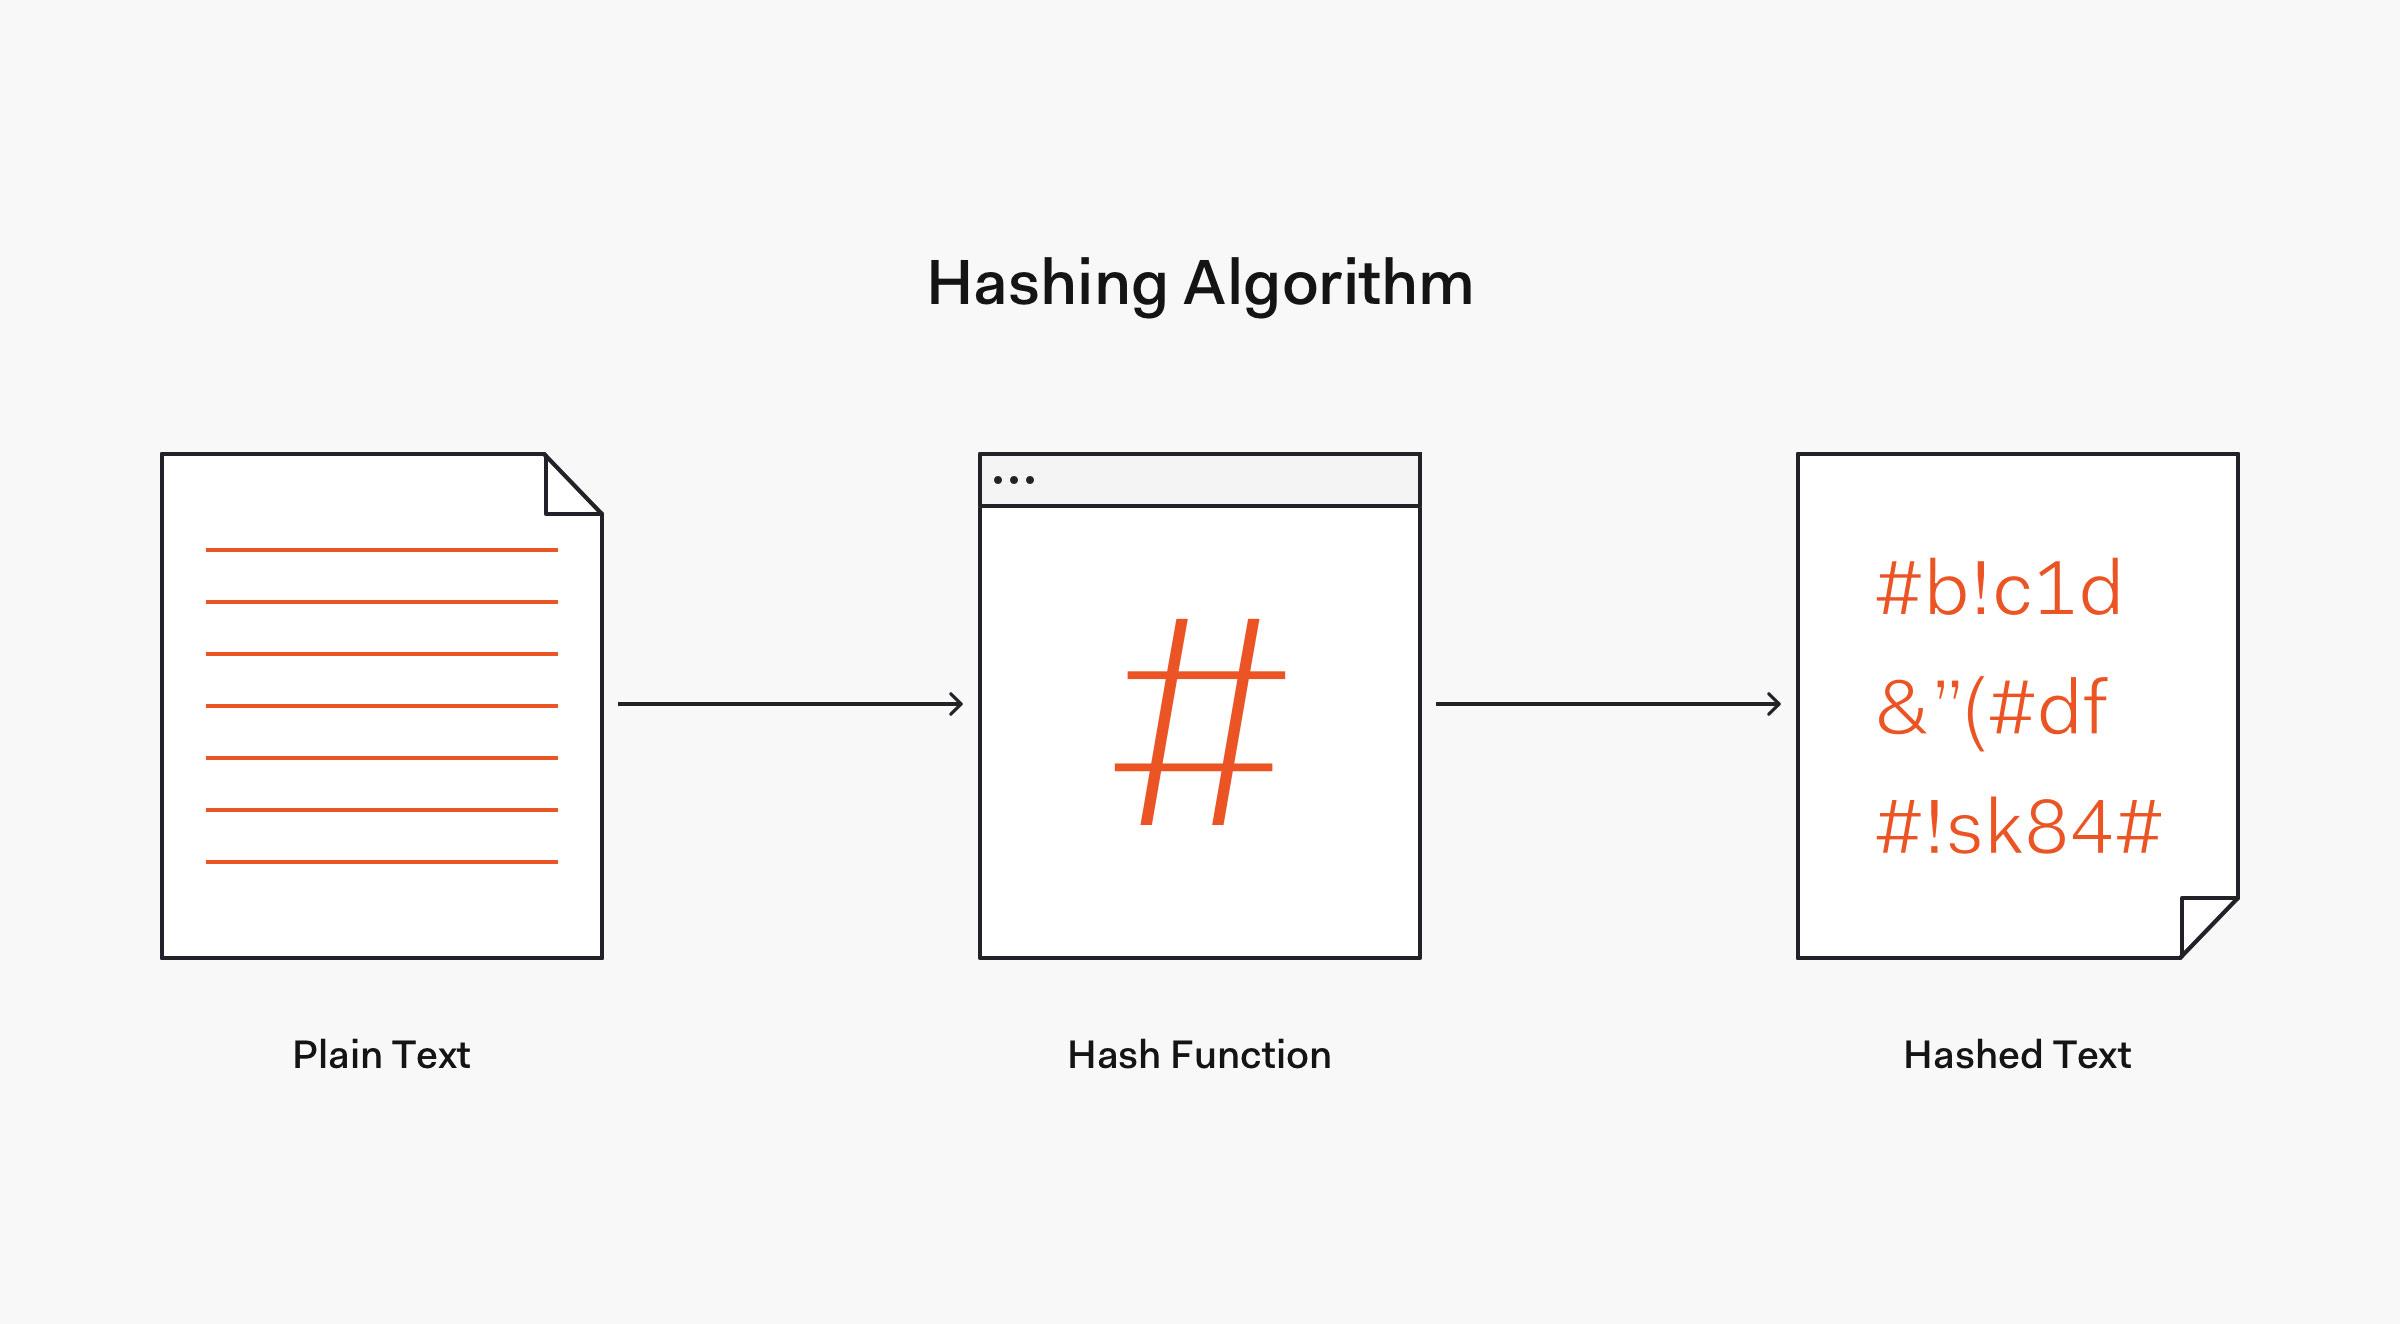 Hashing Image